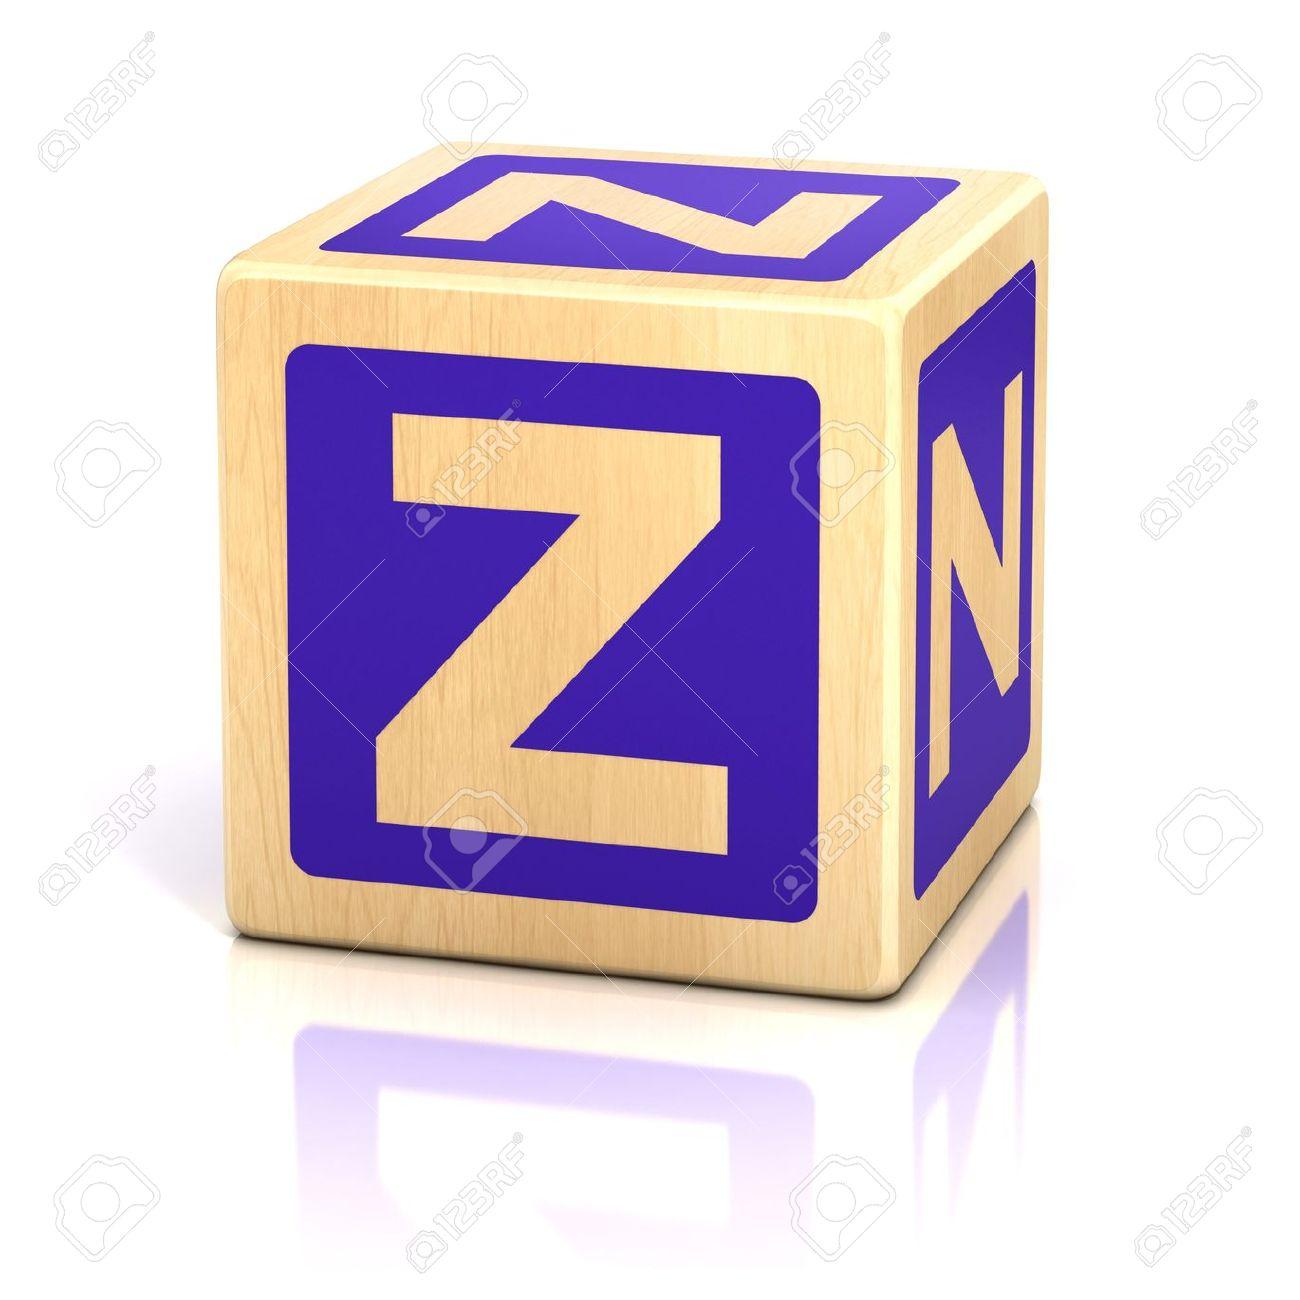 letter z alphabet cubes font Stock Photo - 19775937